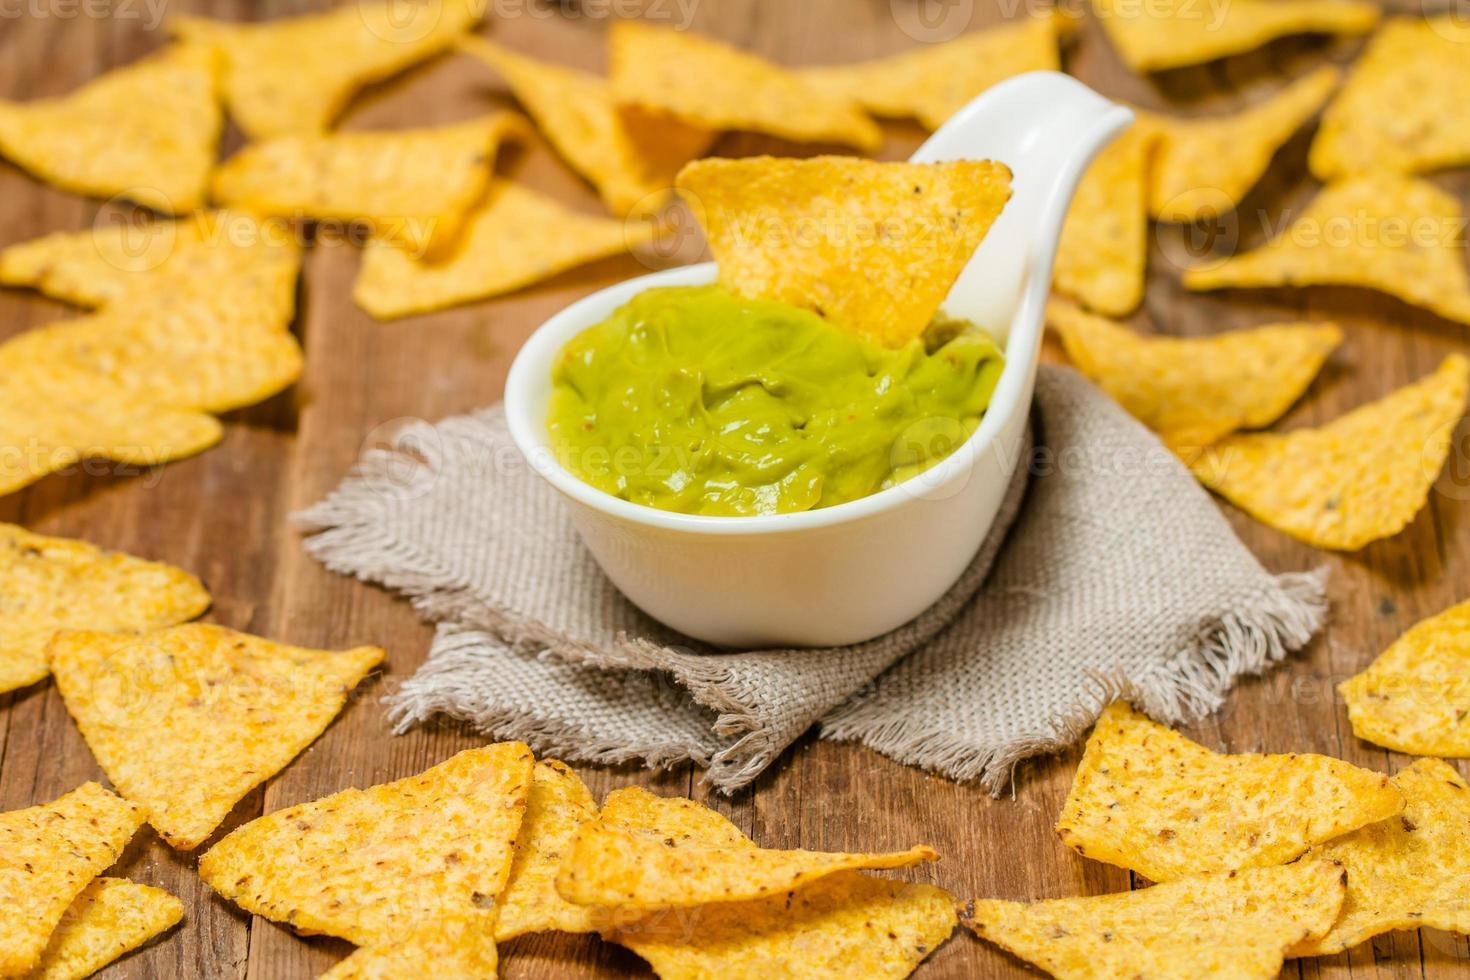 nachos messicani con salsa guacamole fatta a mano foto